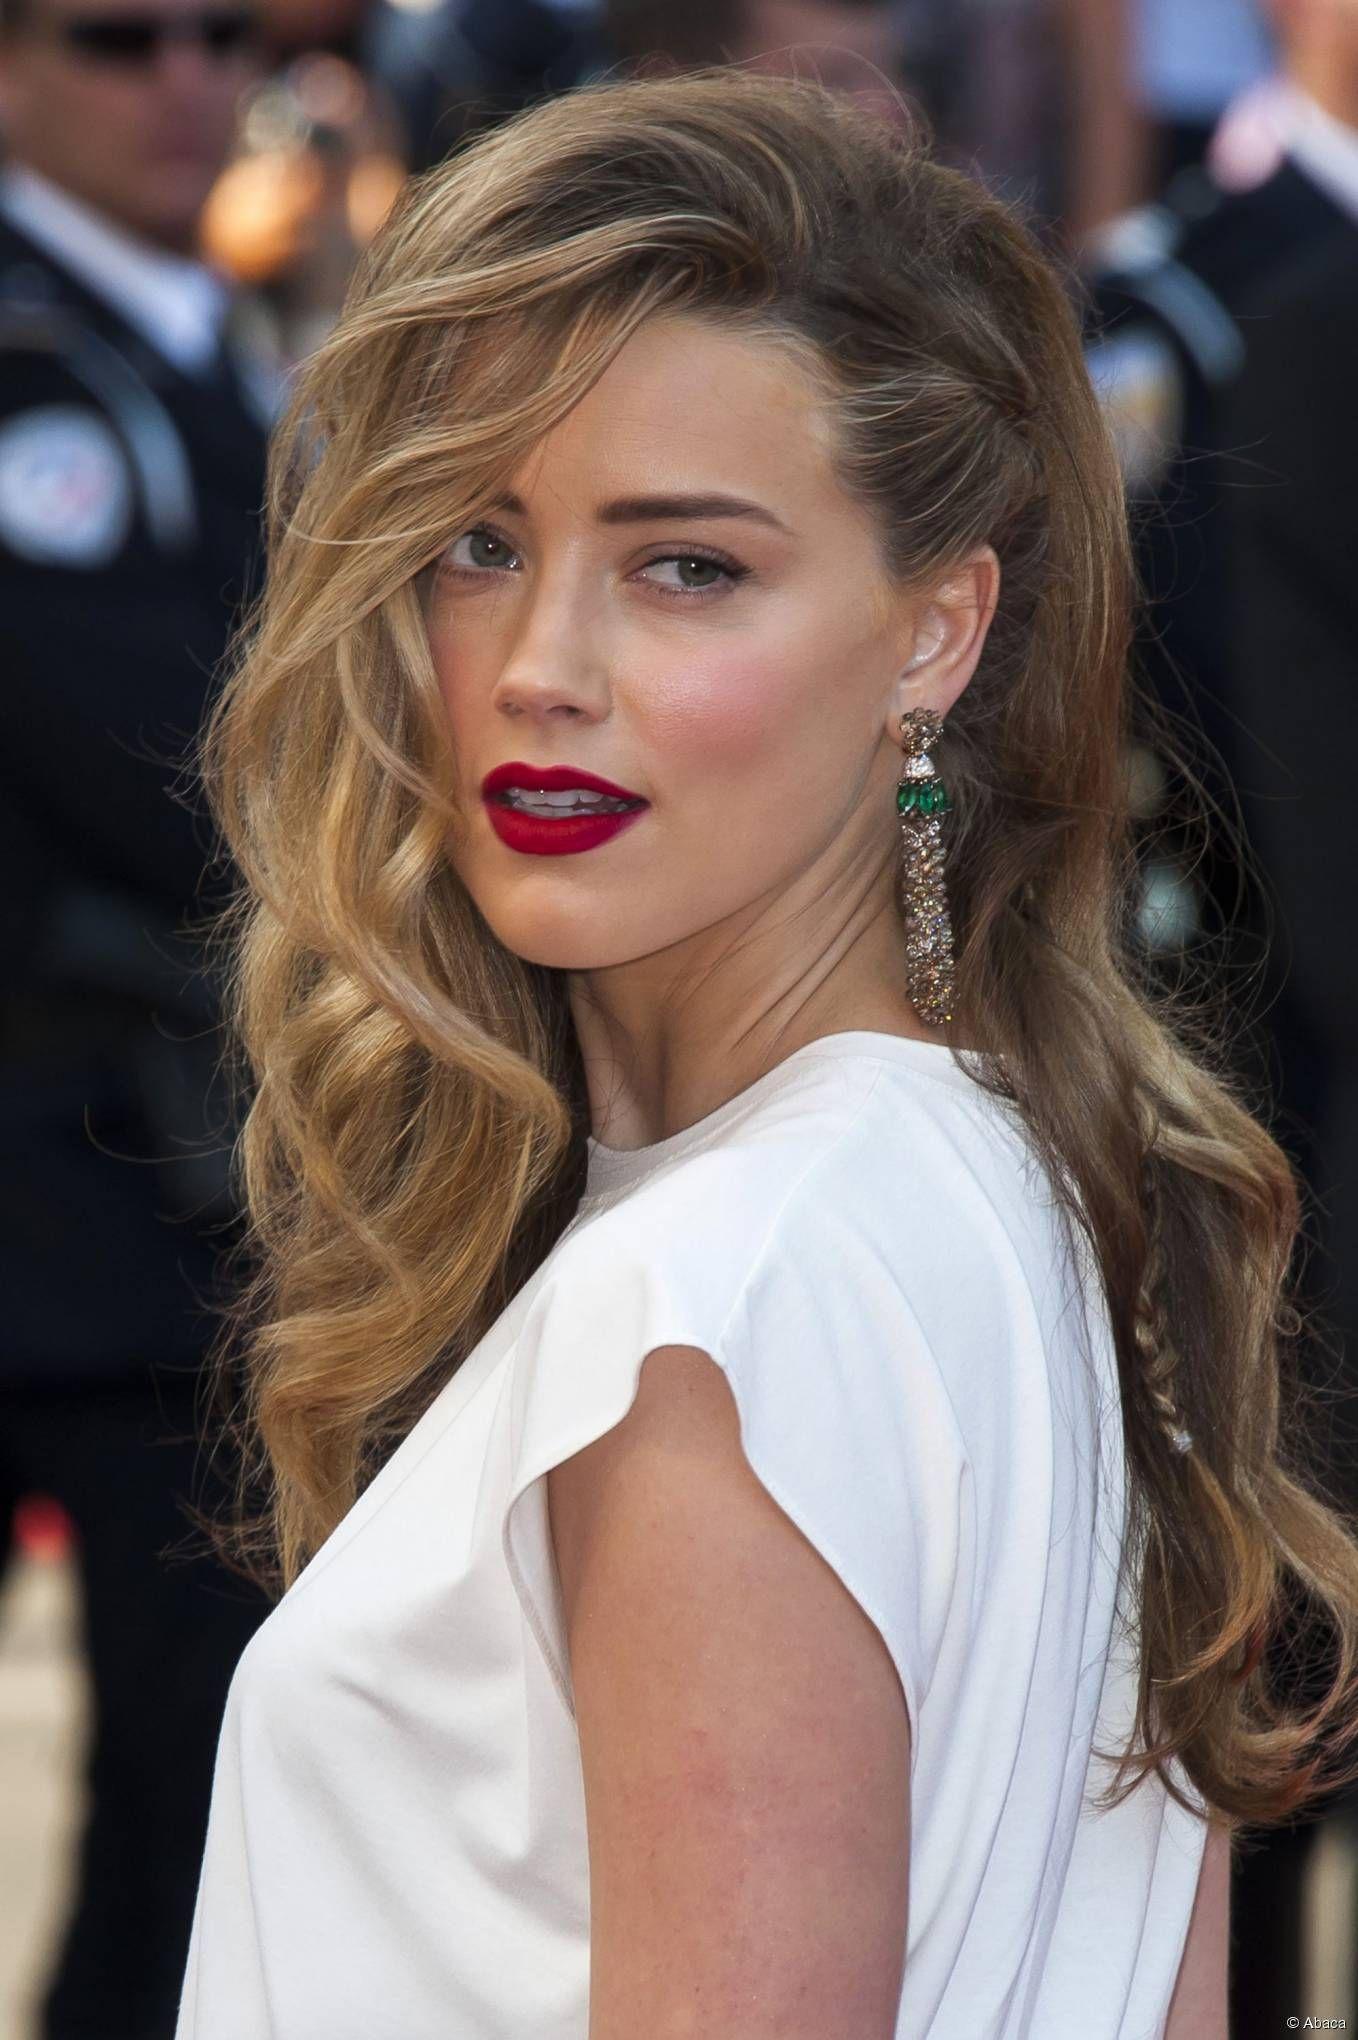 On craque pour son sidehair tressé. … women looks Coiff…